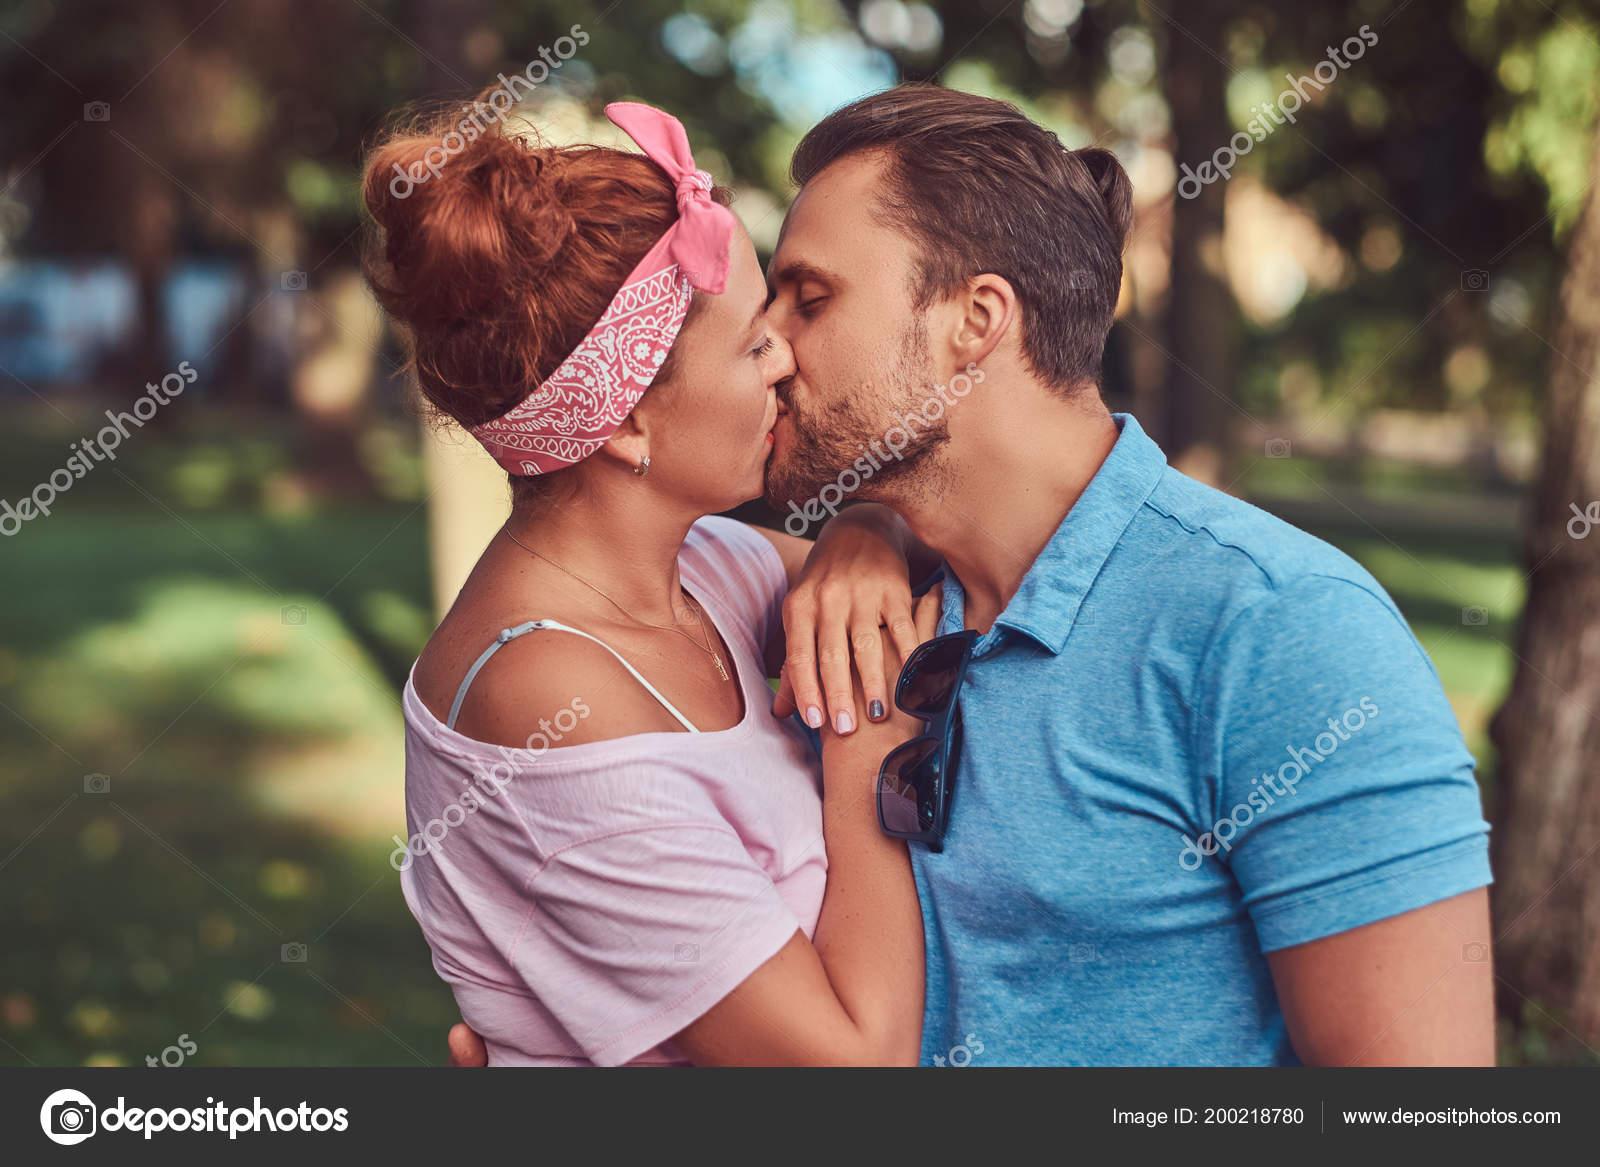 Любители поцелуев знакомства знакомства нужны мужчины г.харьков до 45 лет